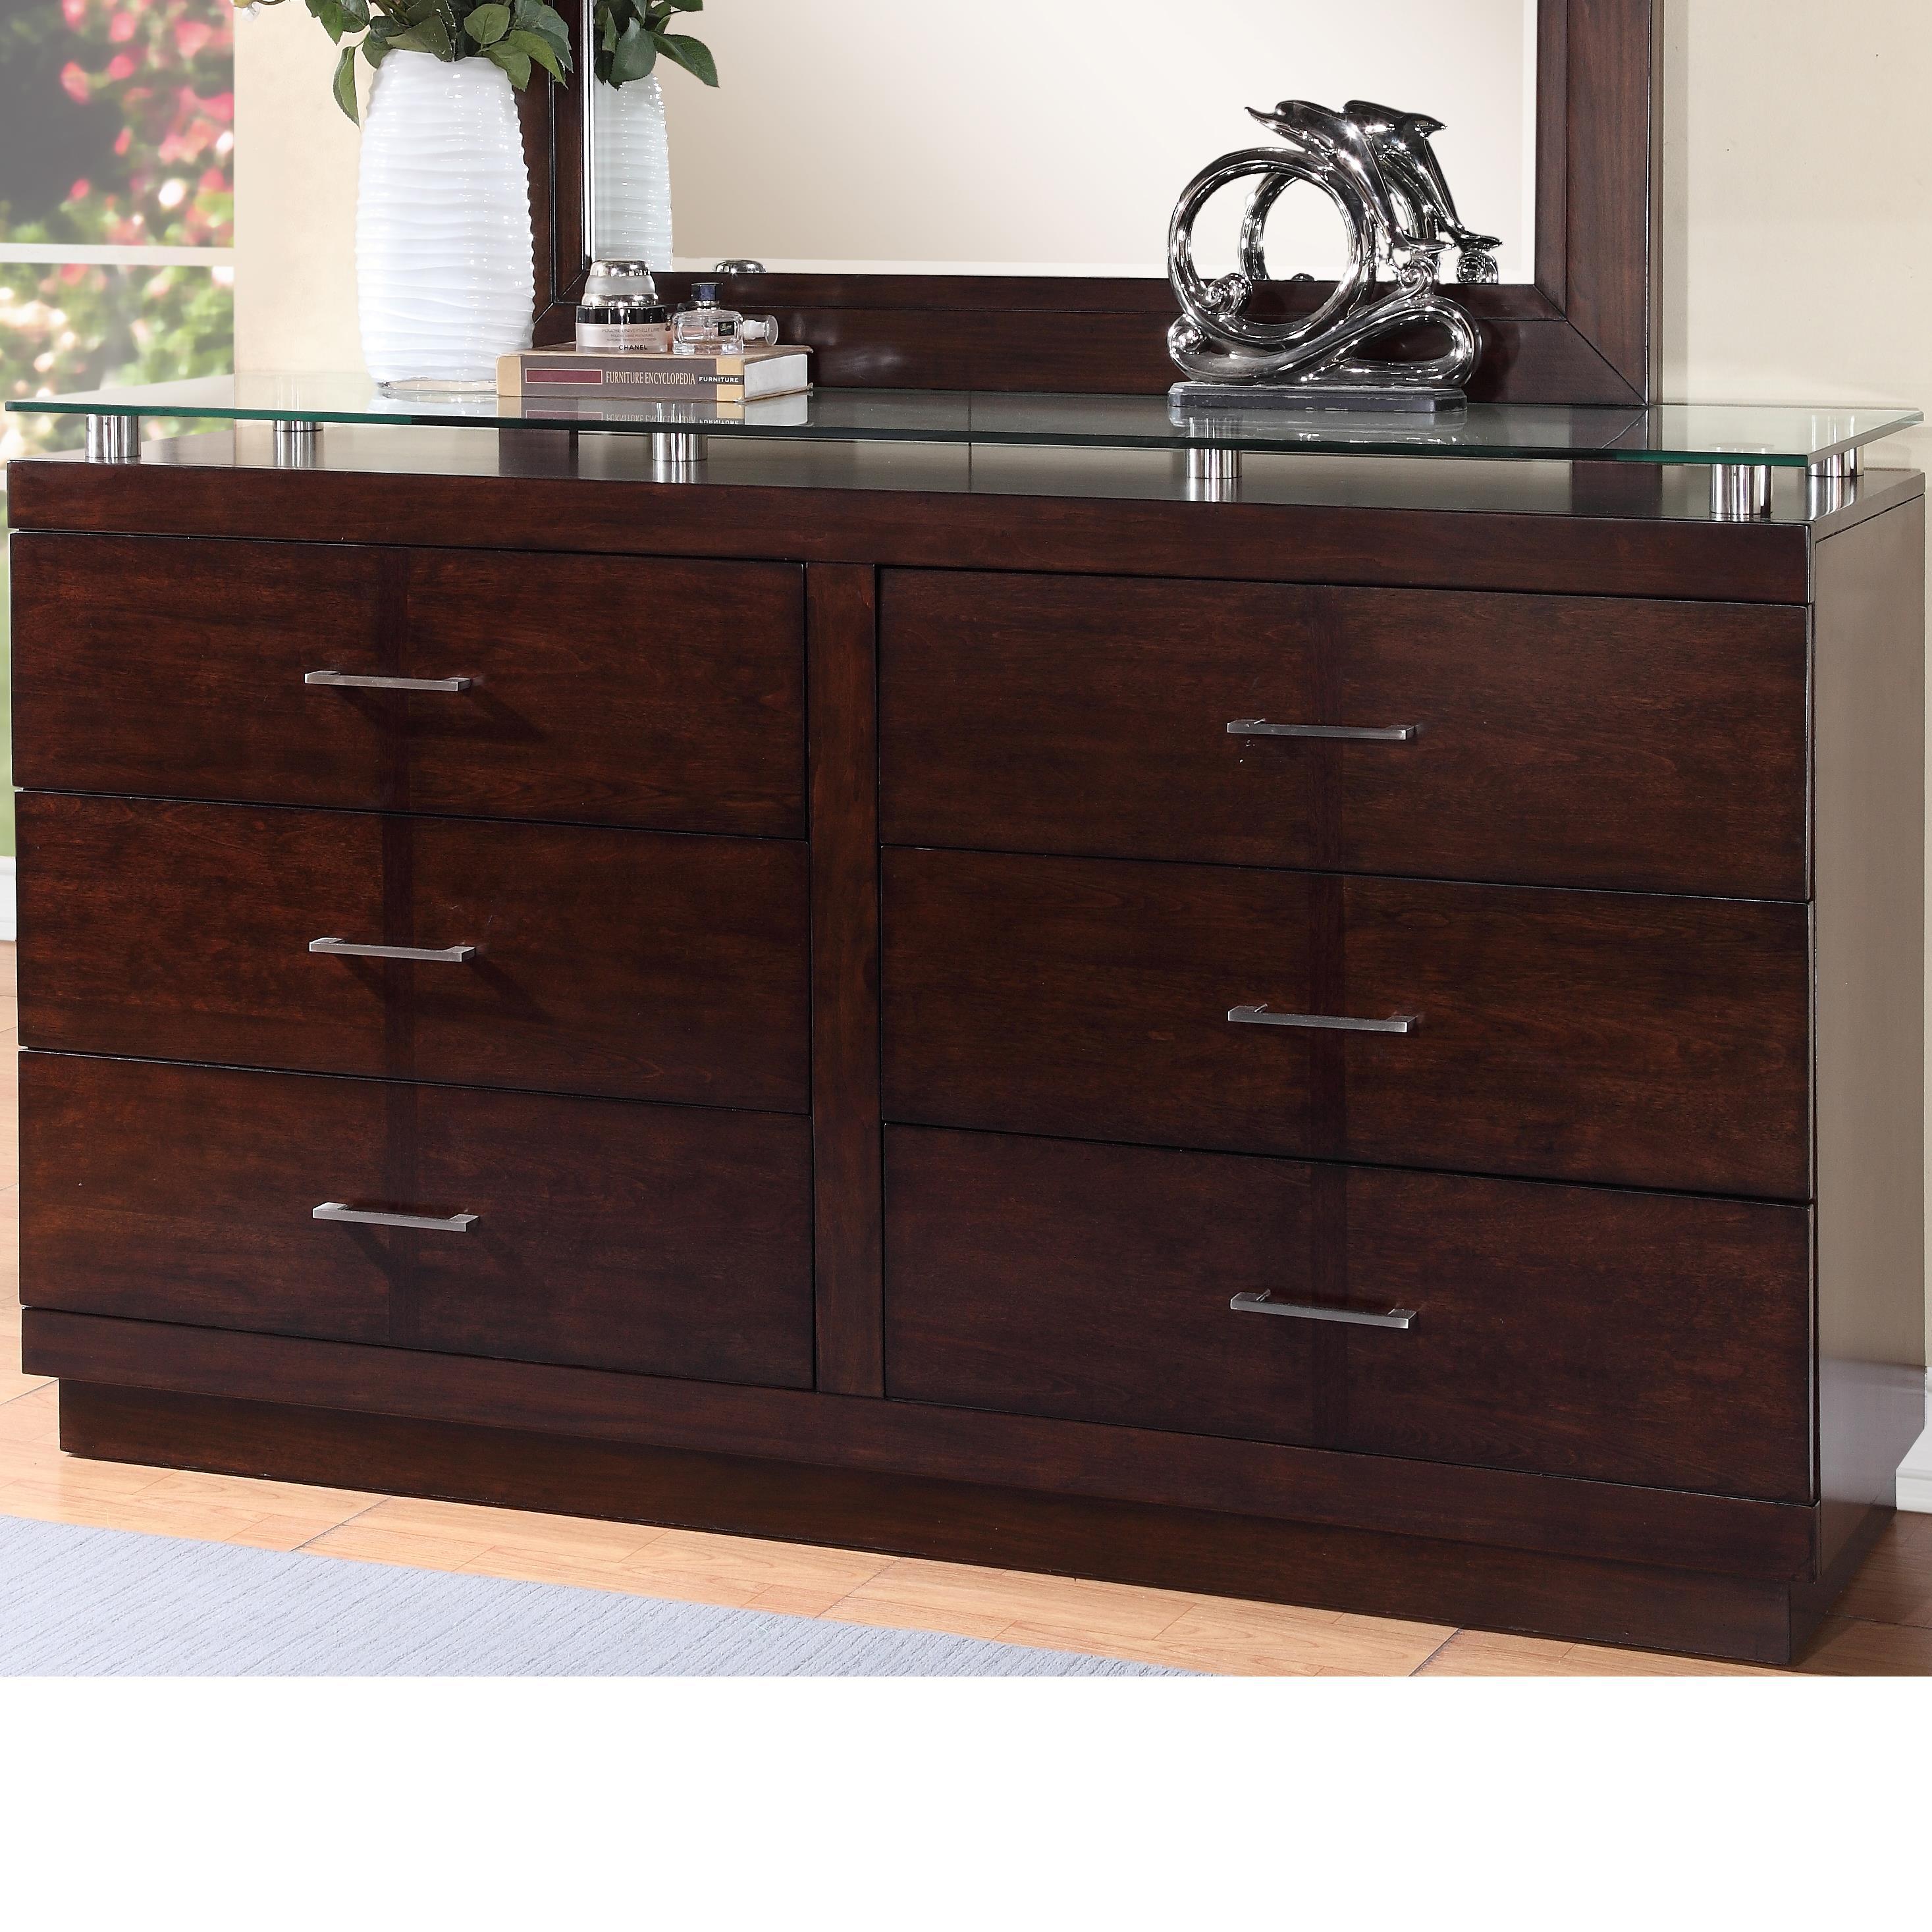 Legends Furniture Novella Dresser - Item Number: ZNOV-7013